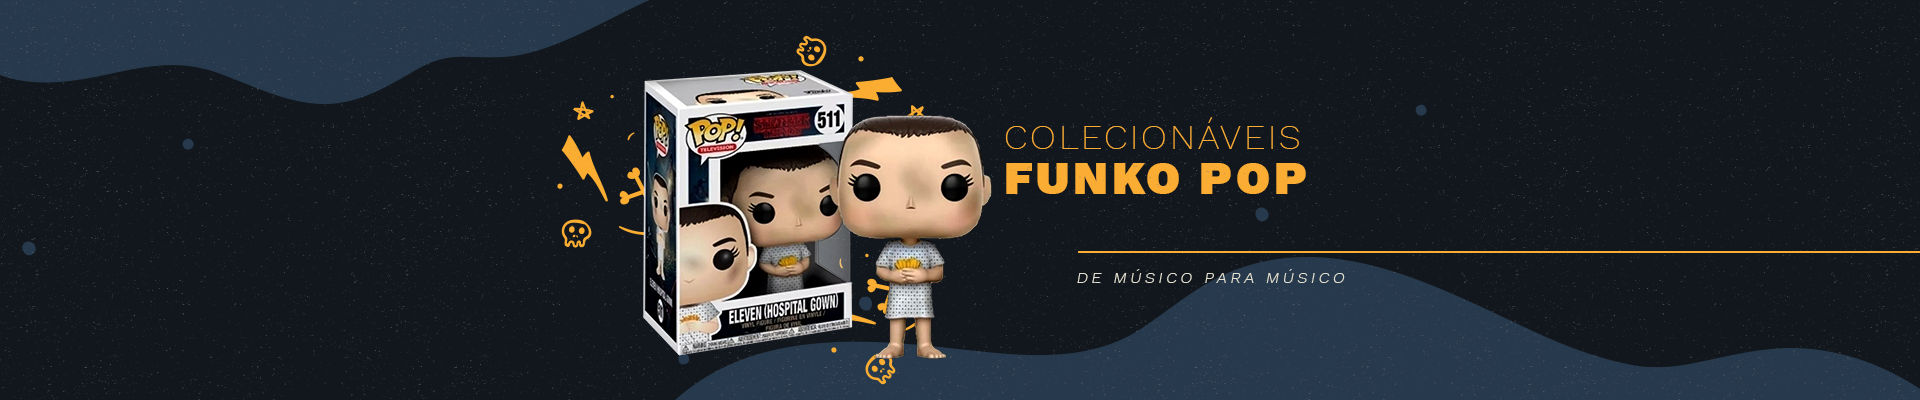 Grande variedade de colecionáveis funko pop